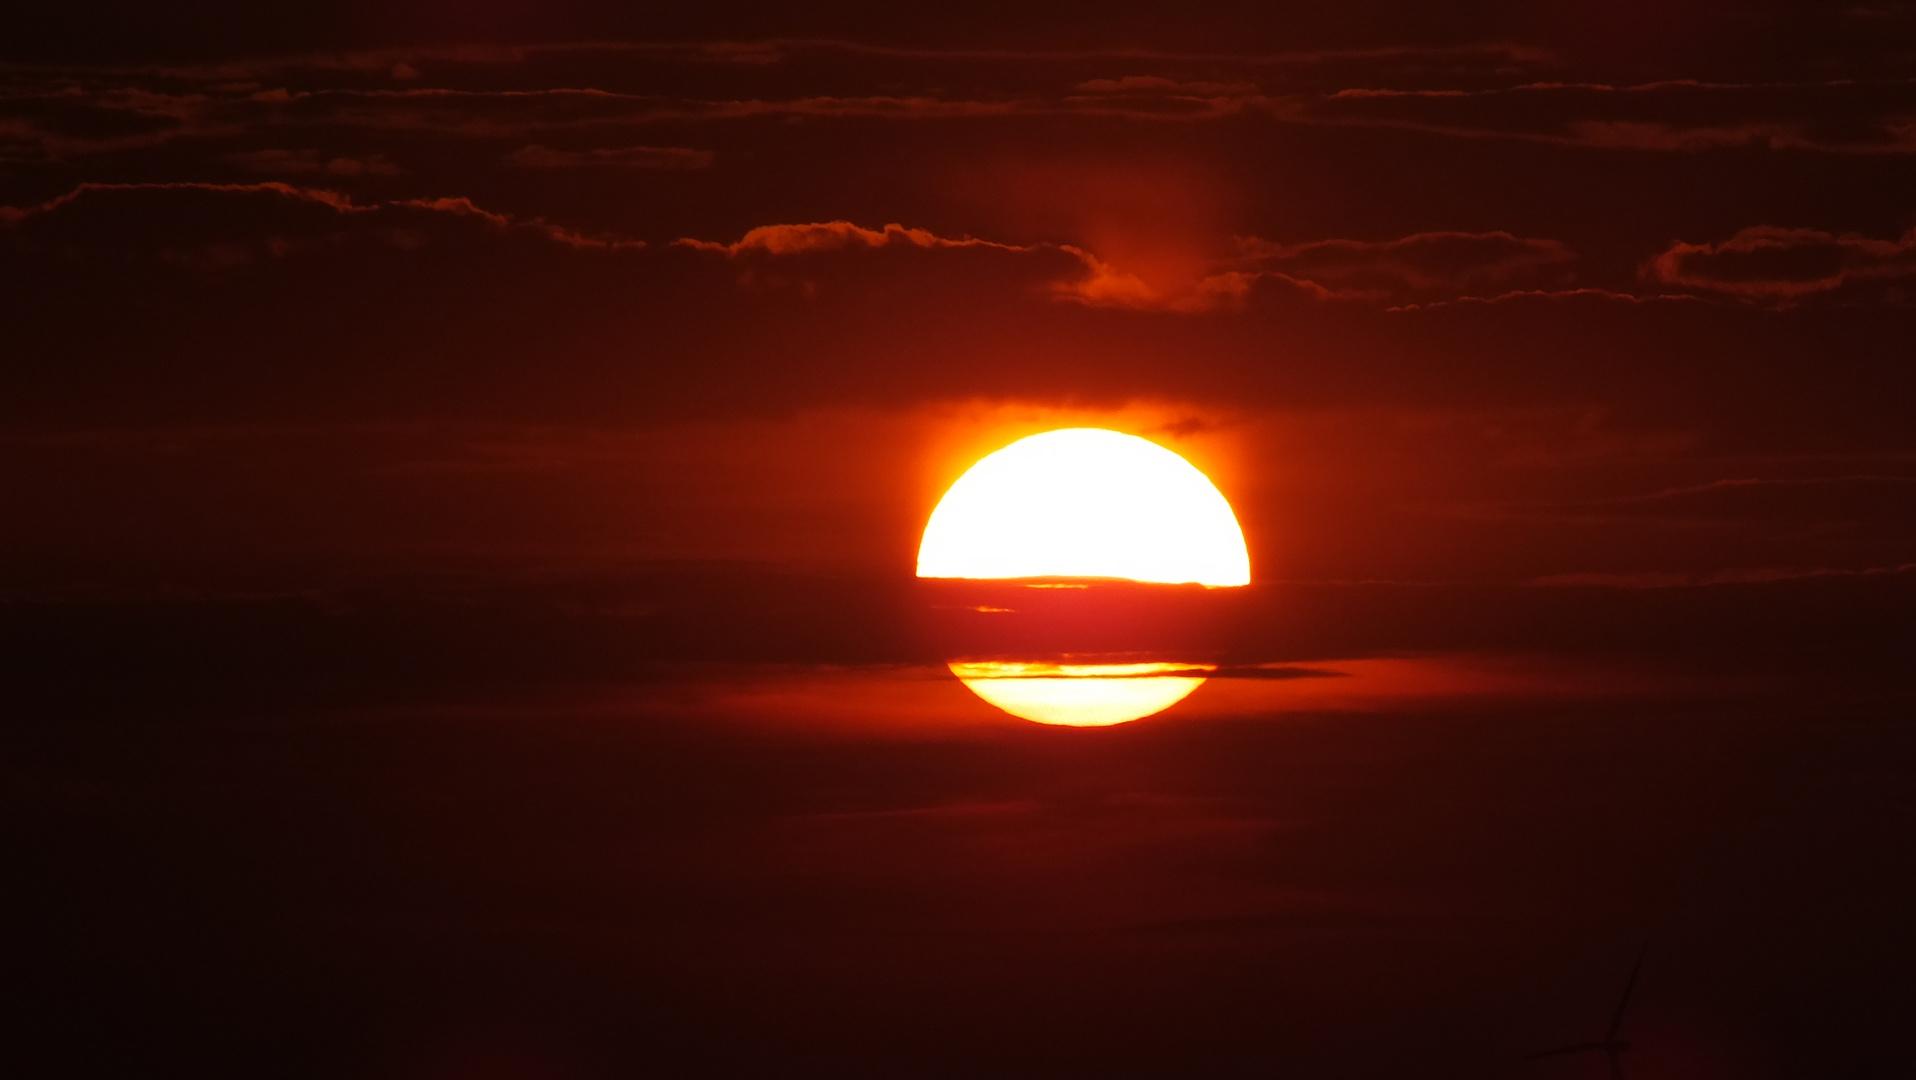 Sonnenuntergang in Bitterfeld 3